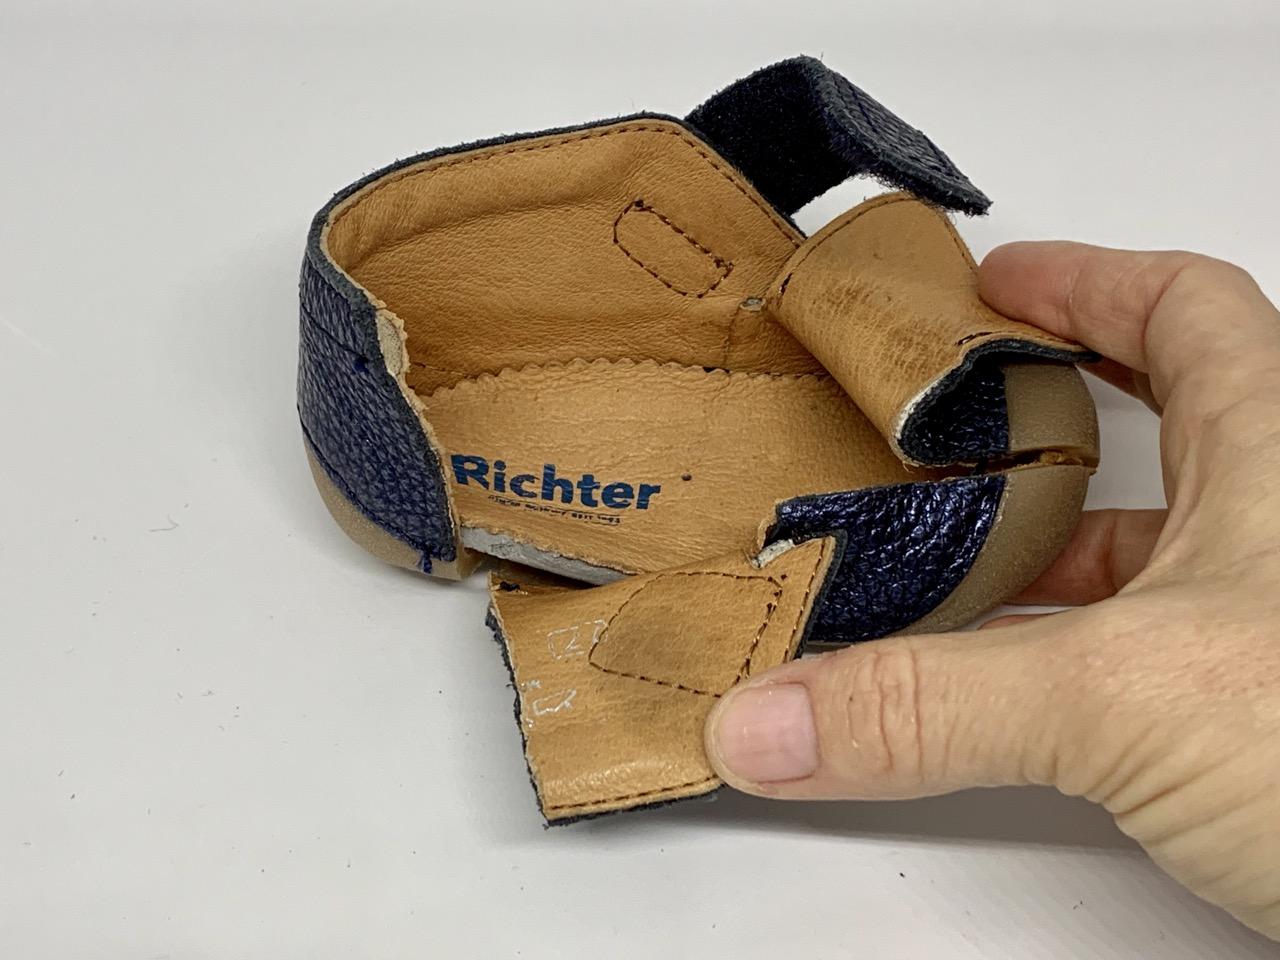 Richter Schuhe Kinderschuhe Erfahrungen Test